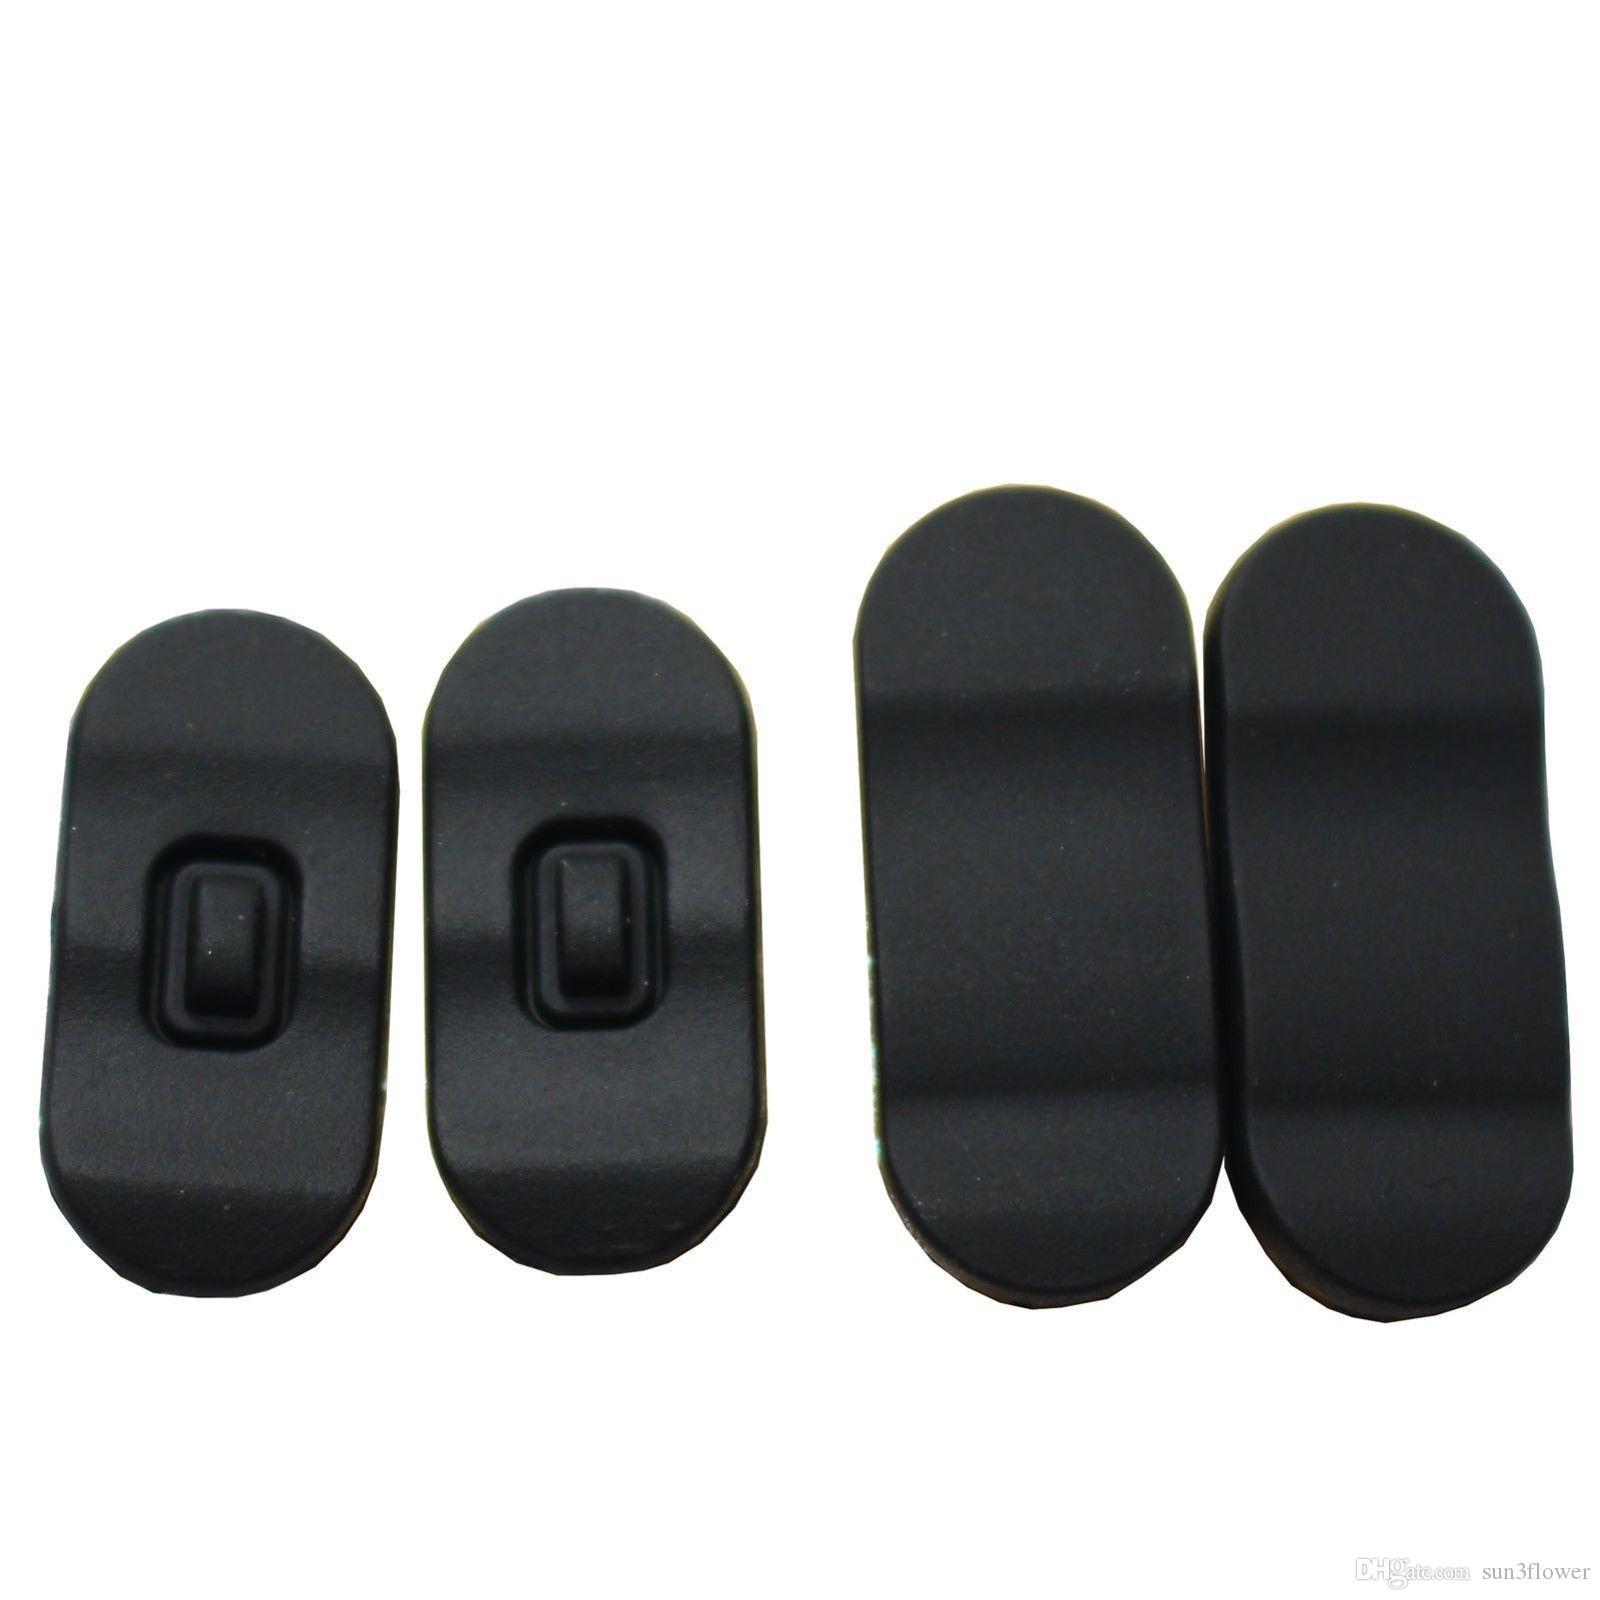 New 4PCS/Lot Bottom Case Rubber Foot Feet Set For Lenovo Thinkpad X220 X220i X230 X230i